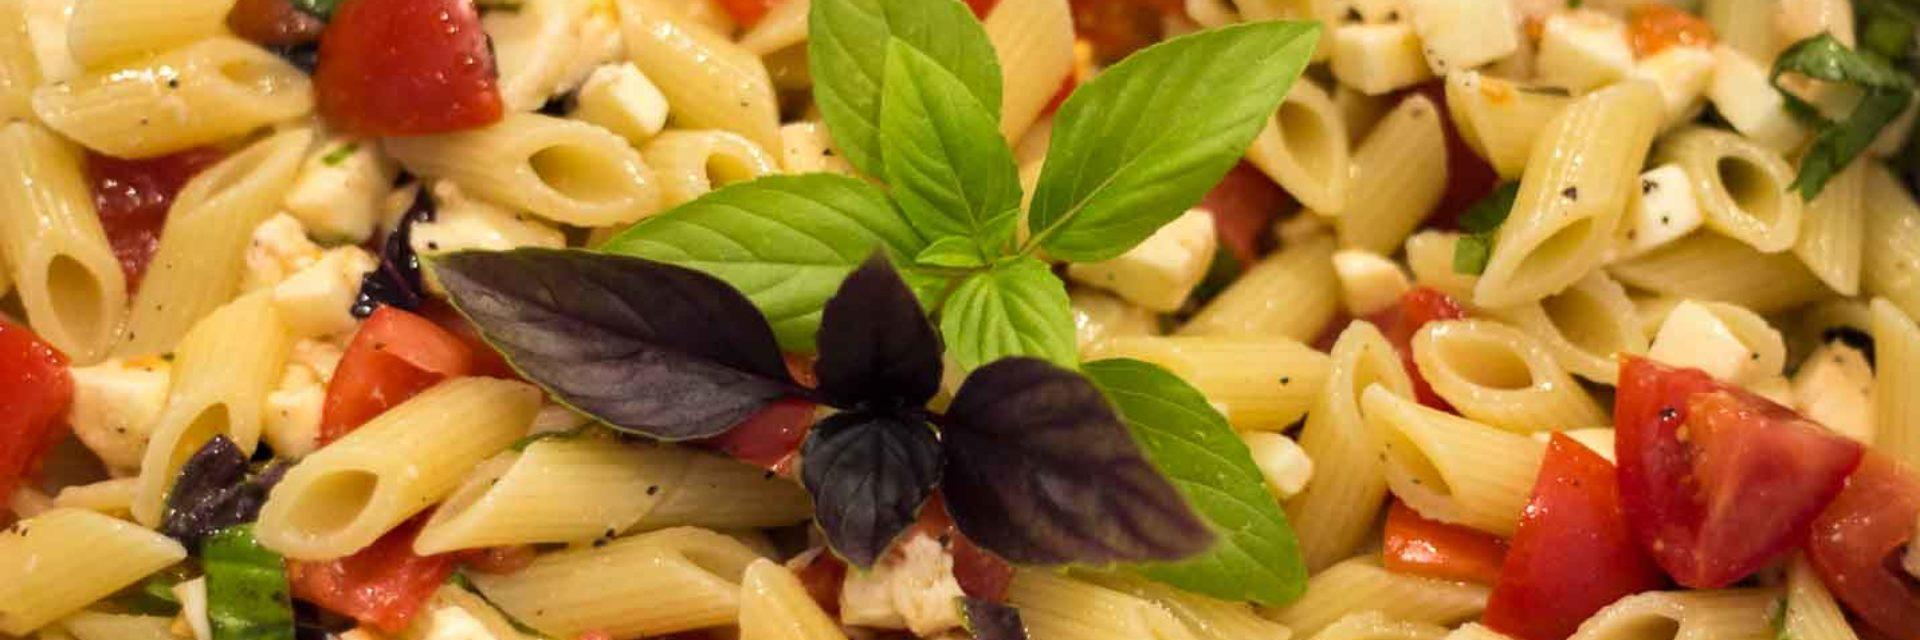 Blätterteigtaschen mit Spinat und geschmolzenen Tomaten